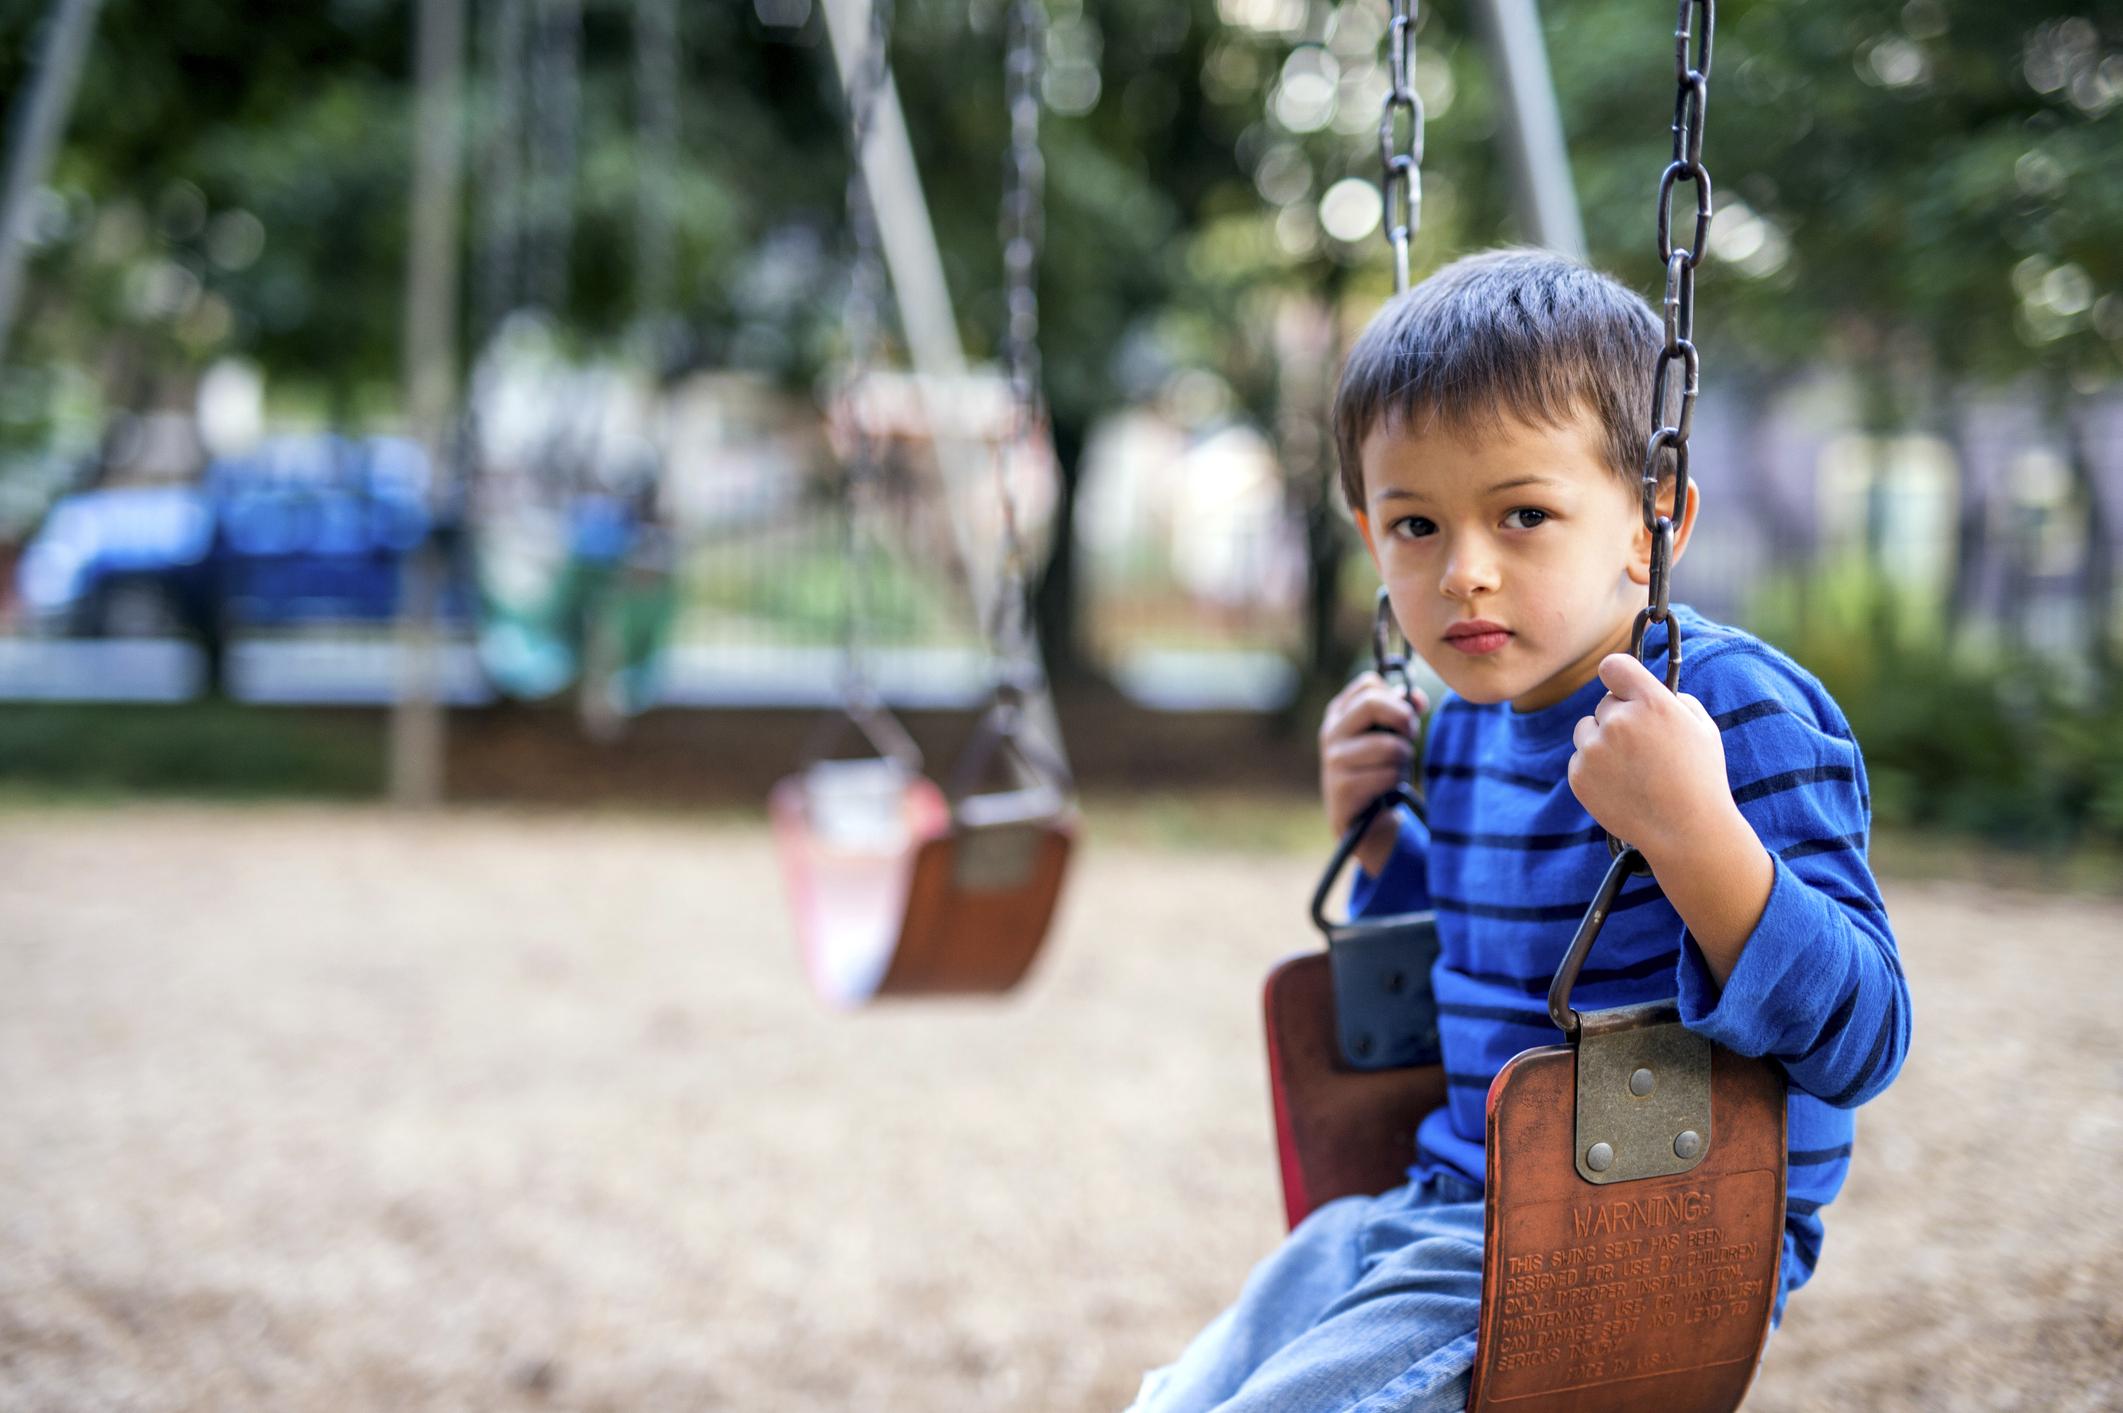 sad_kid_on_swing 2.jpg